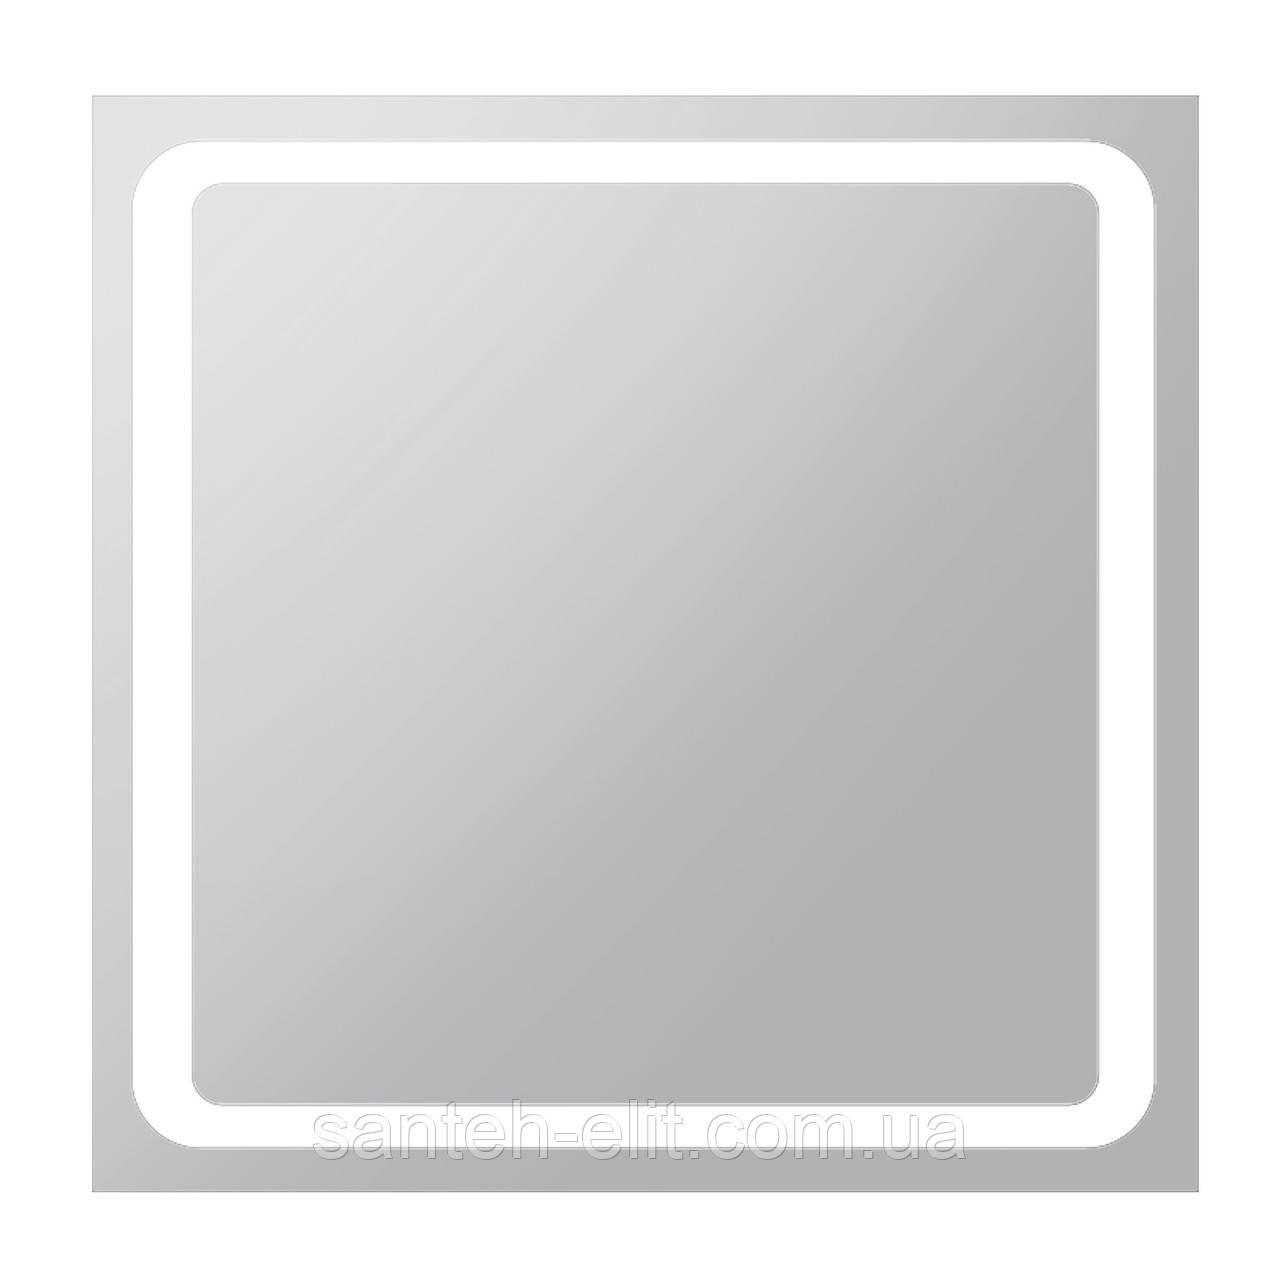 Зеркало квадратное 80*80см со светодиодной подсветкой